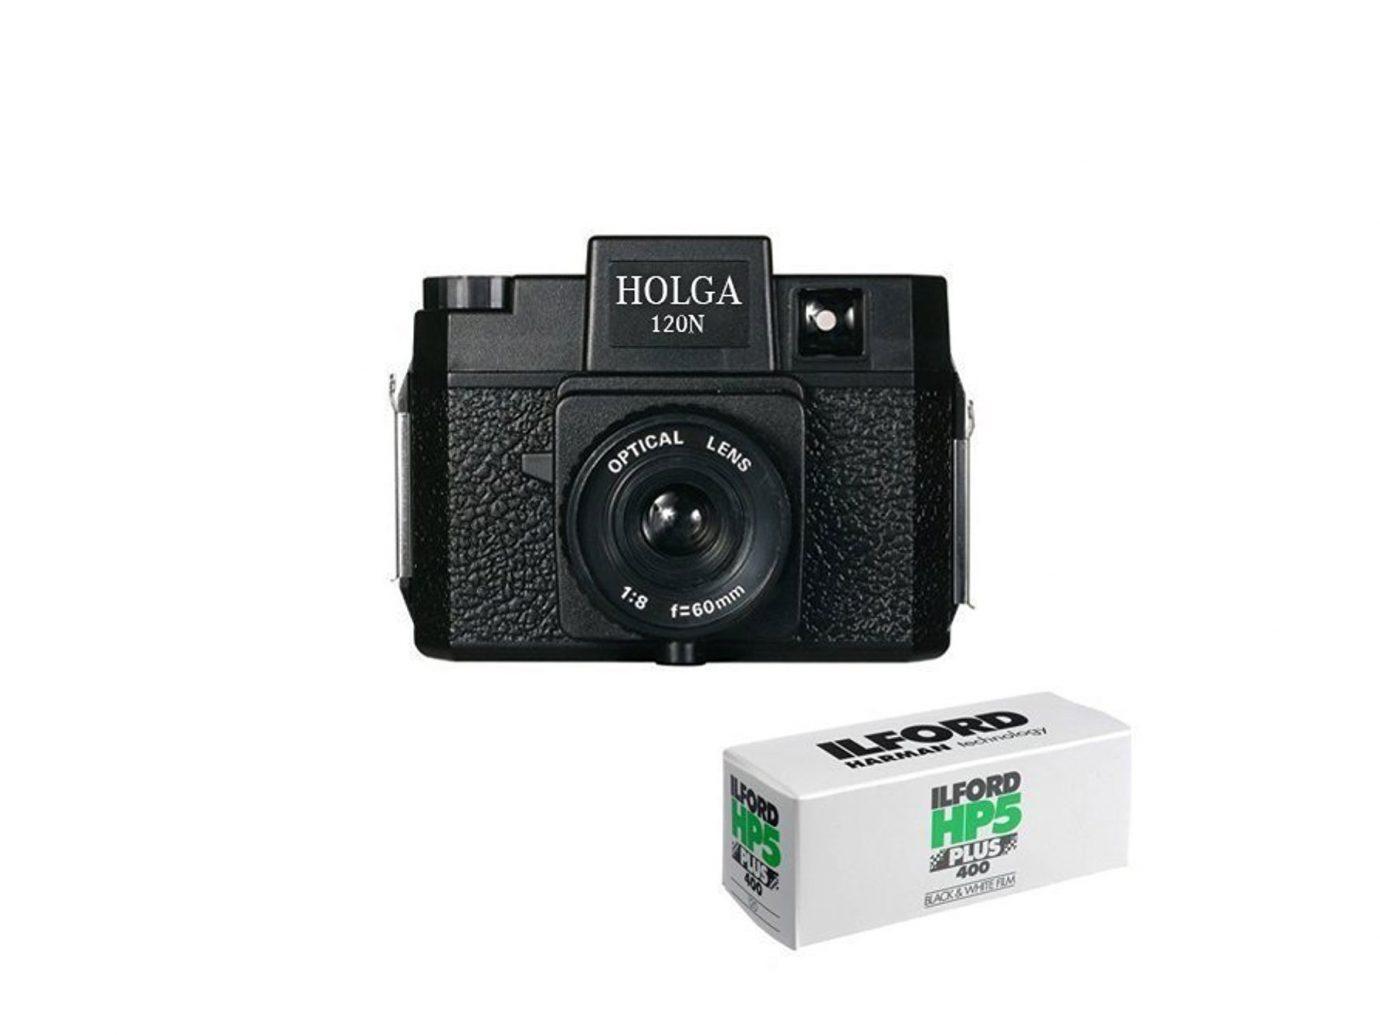 Holga 120N Medium Format Film Camera